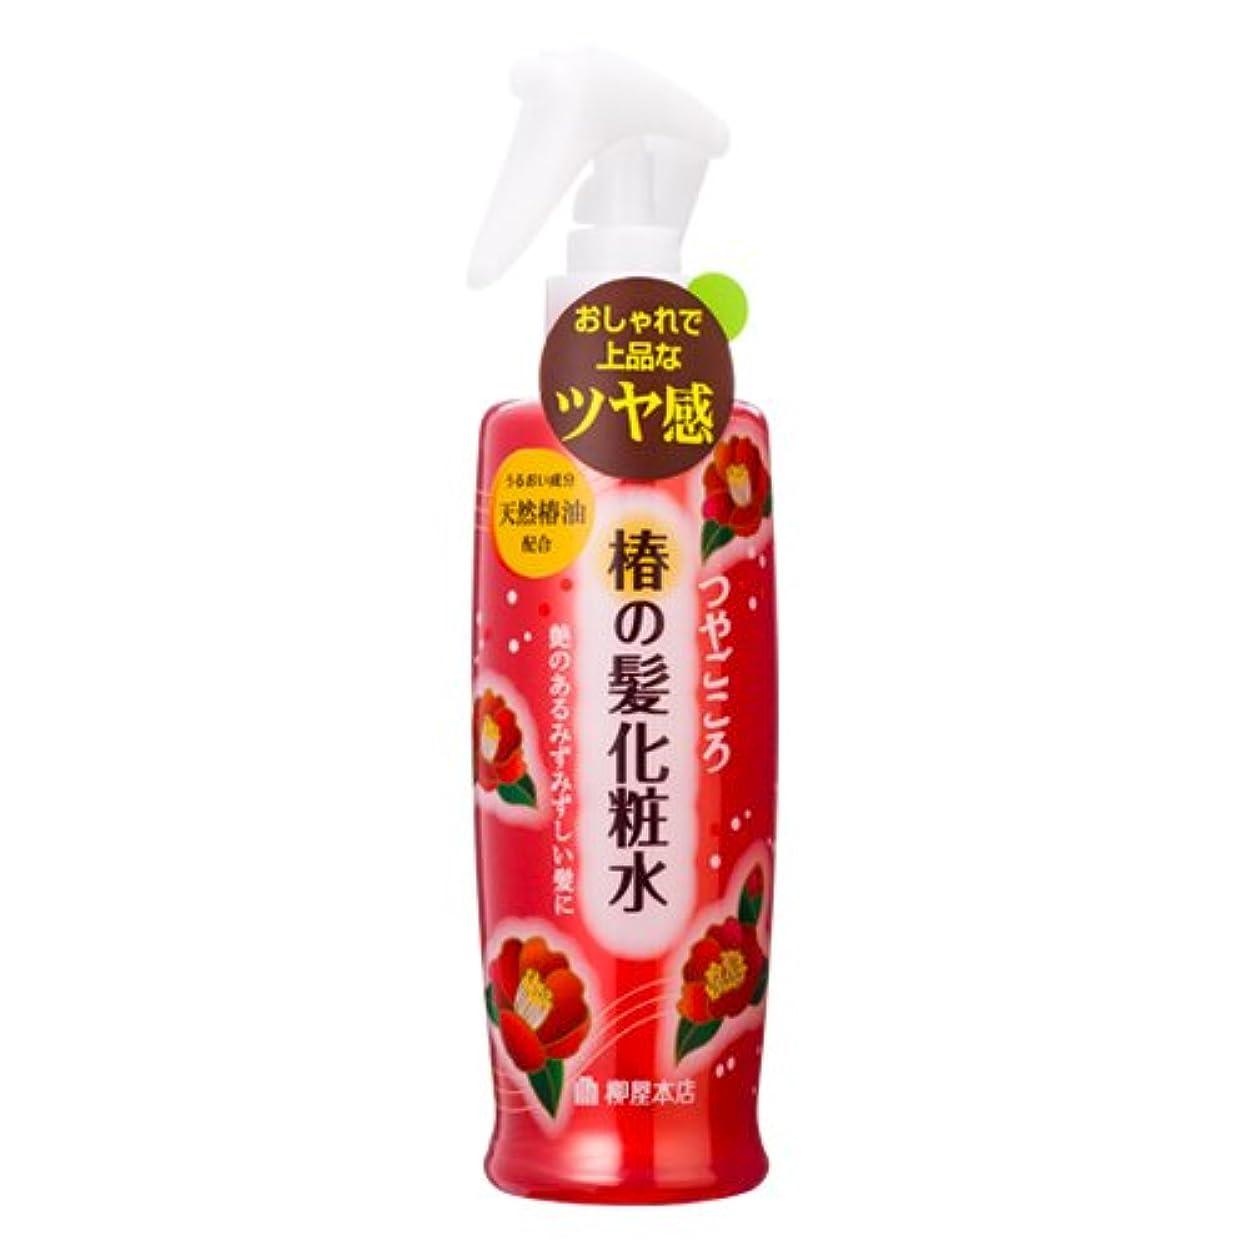 極めてヒール役員つやごころ 椿の髪化粧水250ml